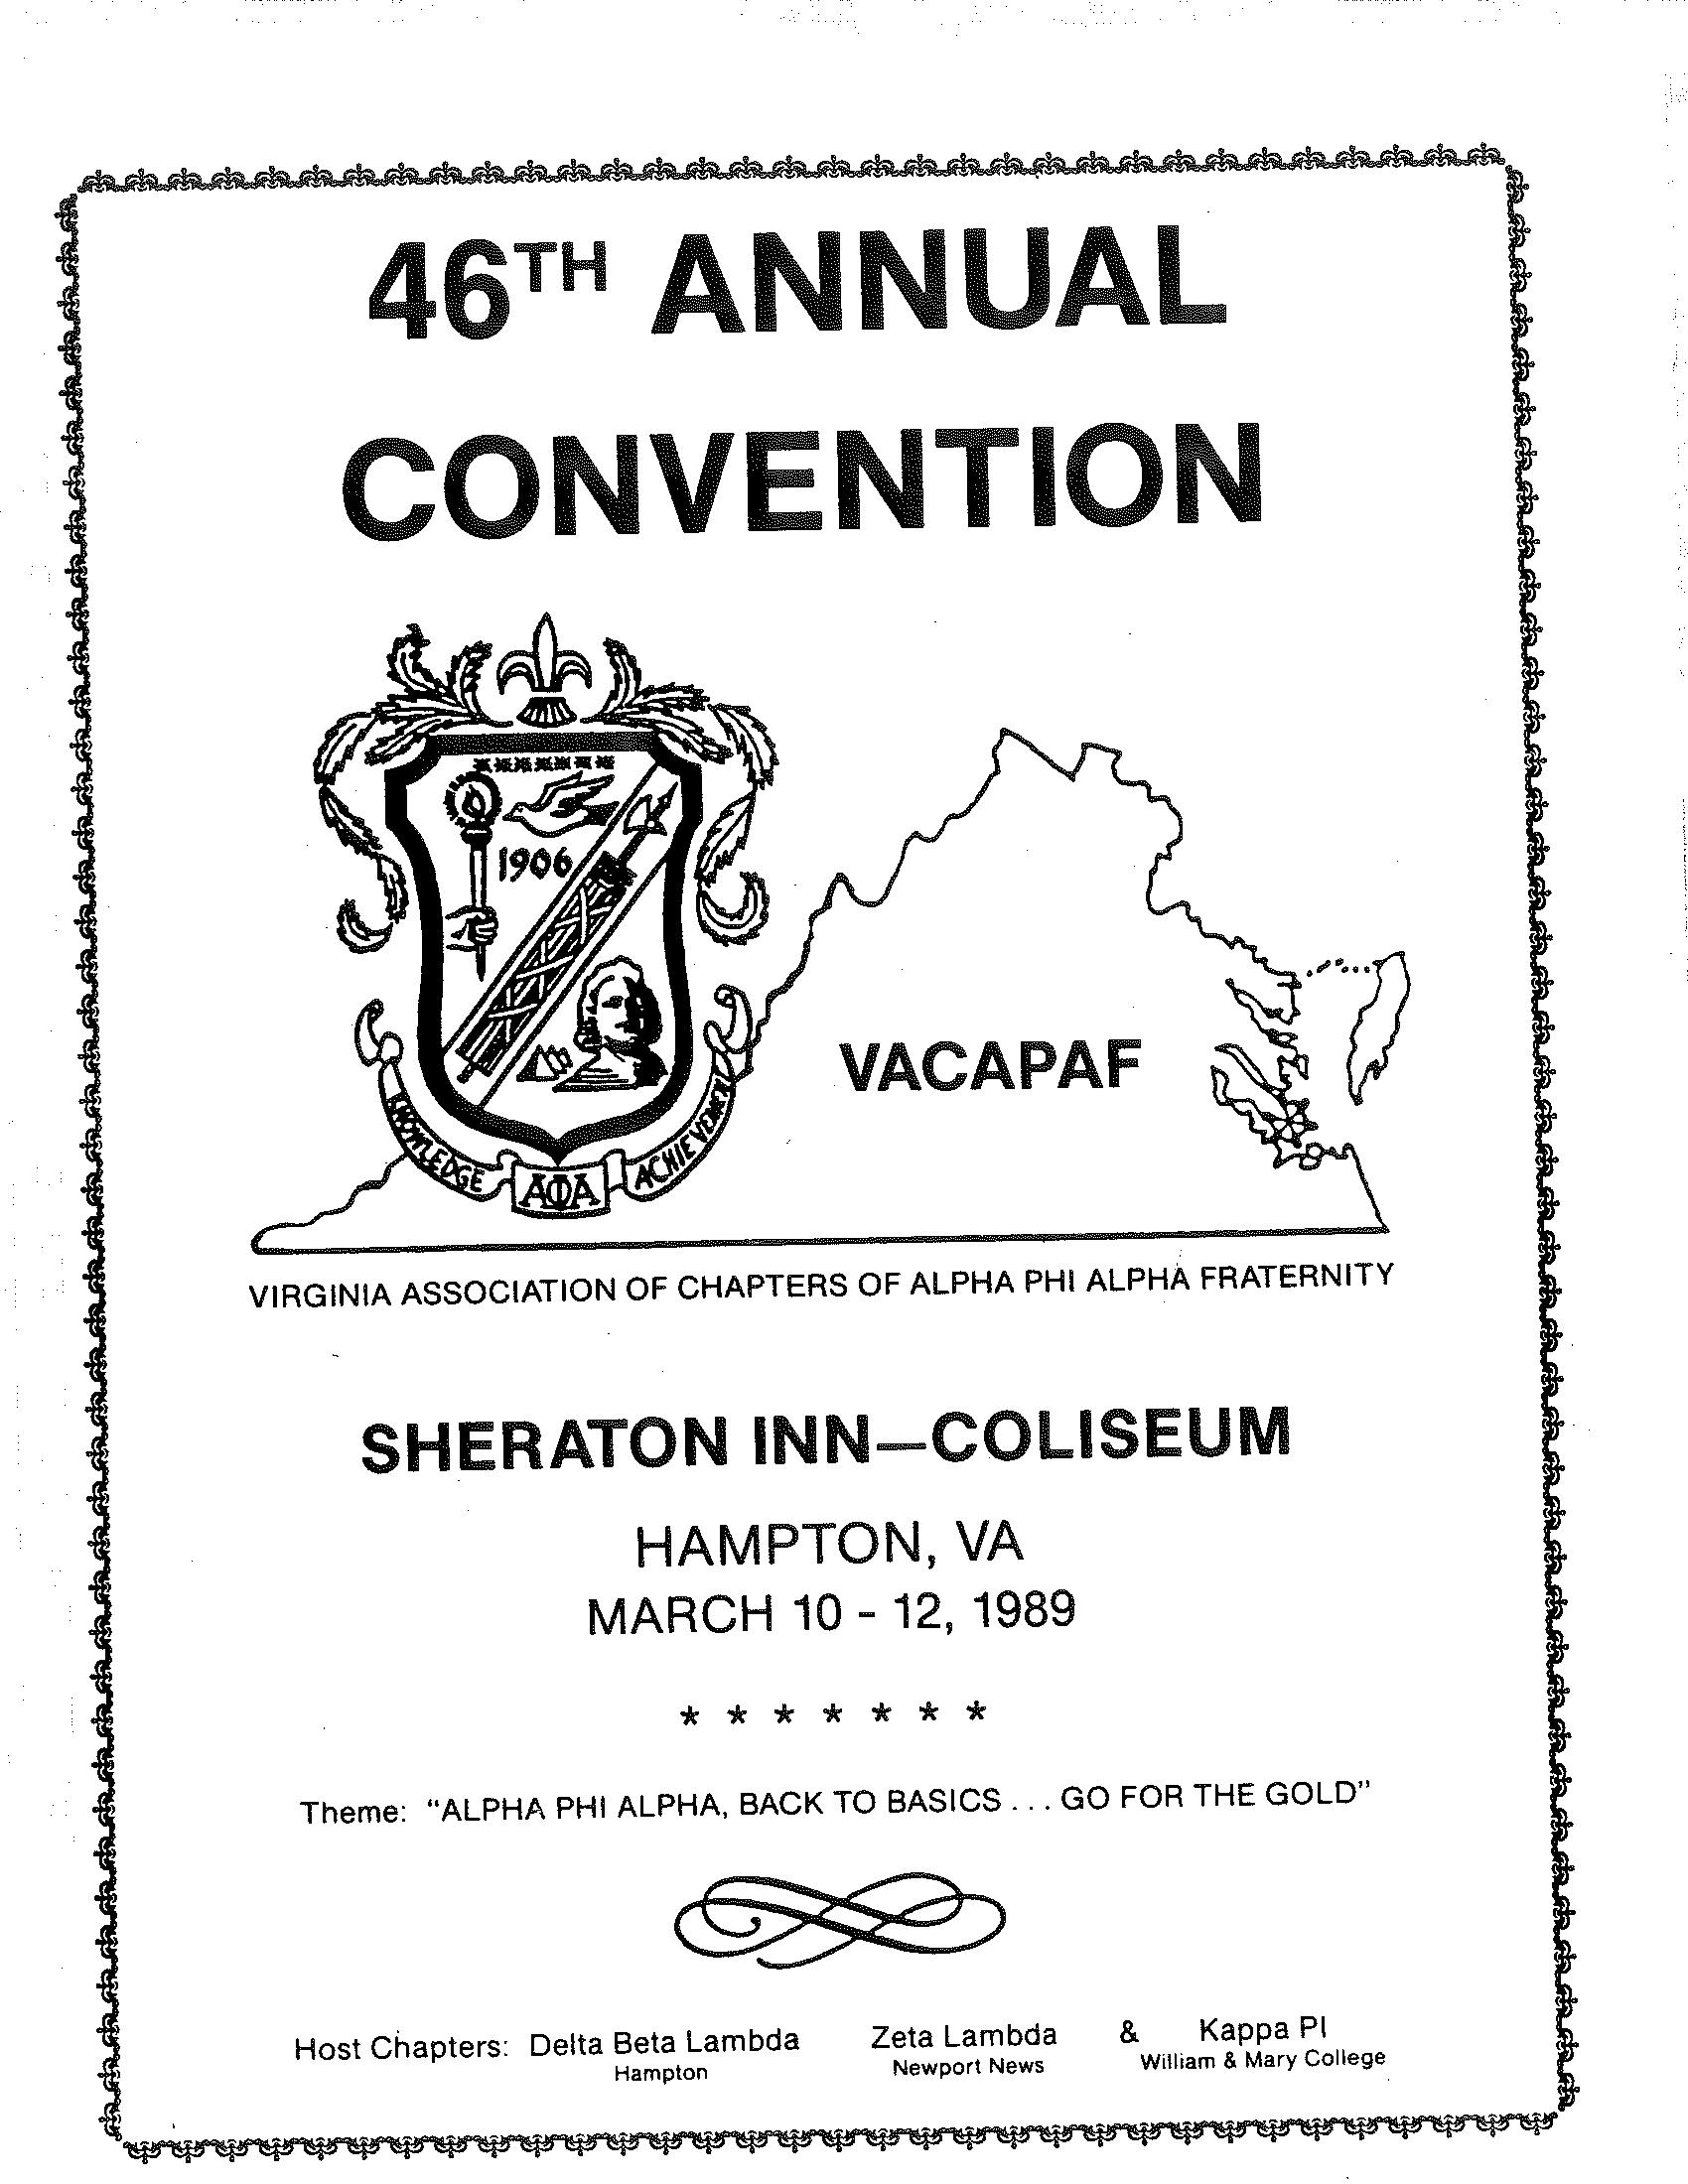 Zeta Lambda 1989 - Co Host VACAPAF Convention.png